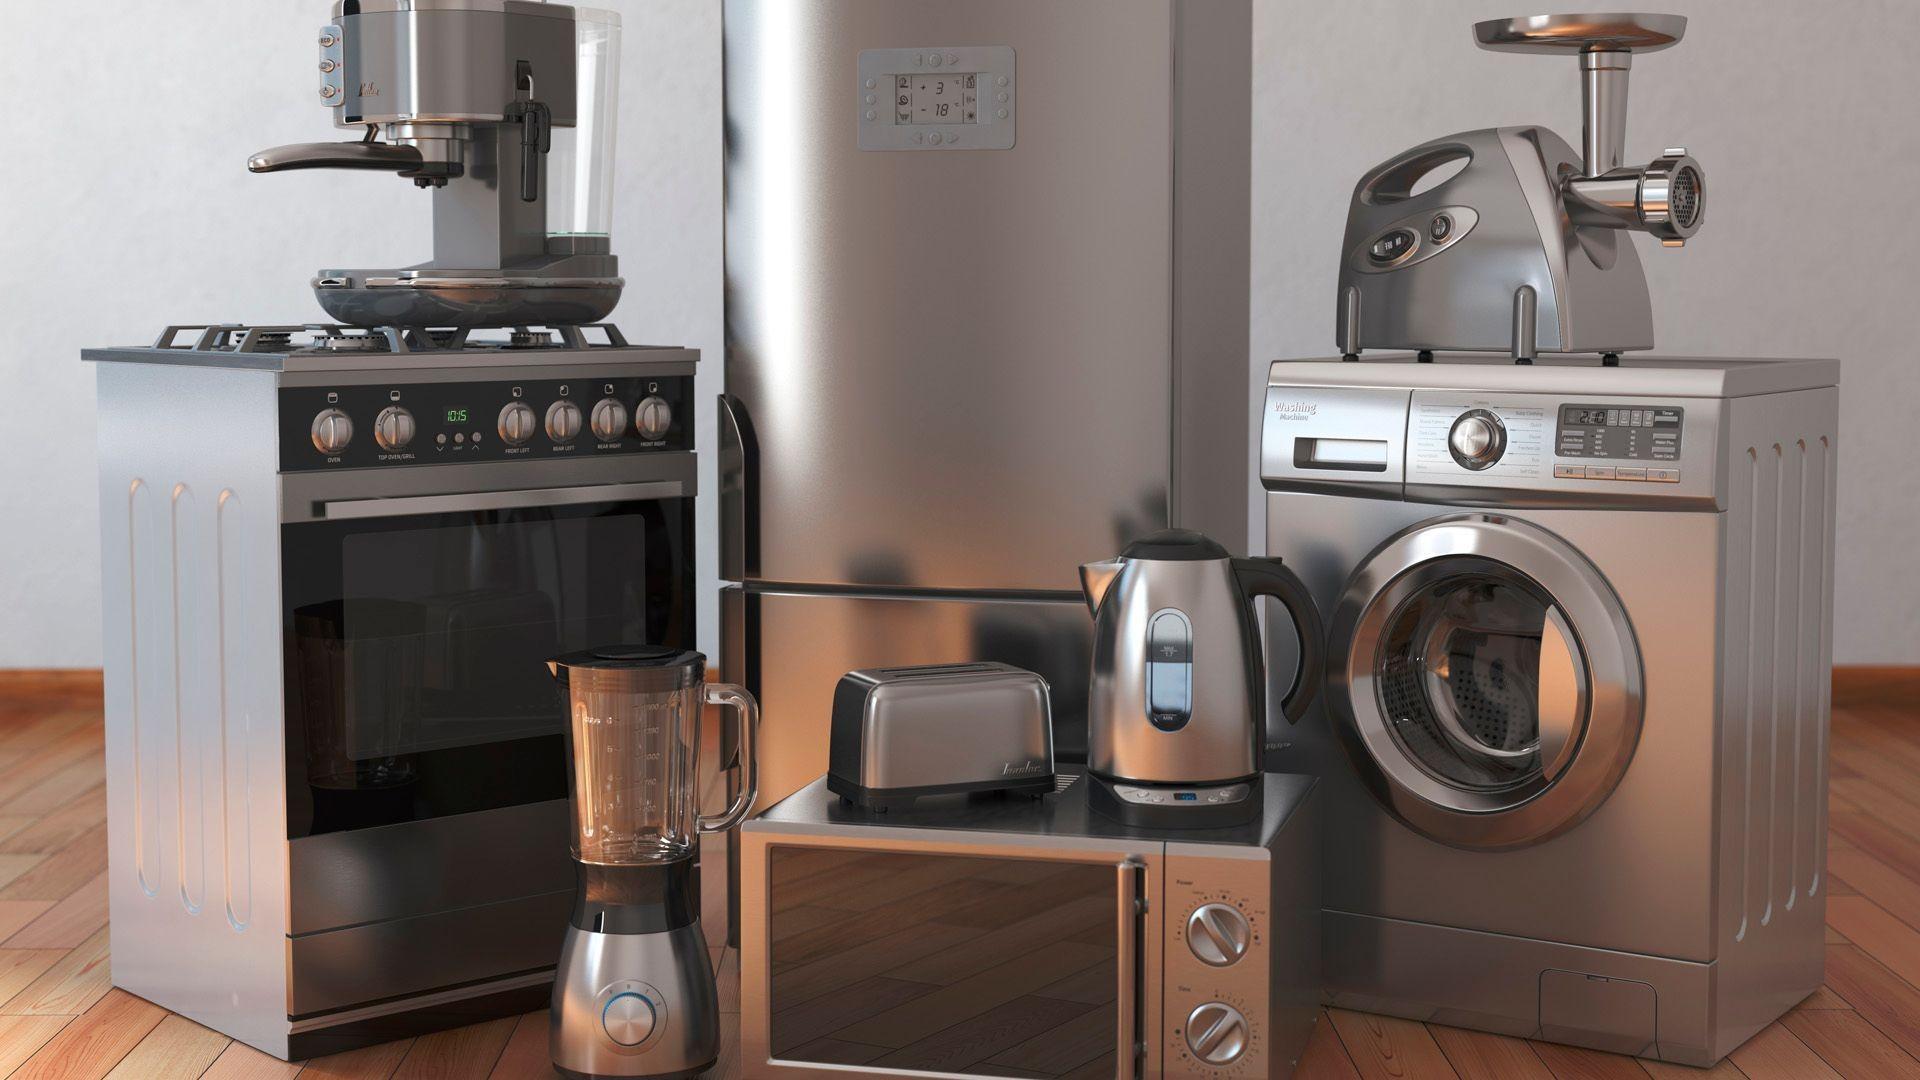 Electrodomésticos y mucho más en Asturias